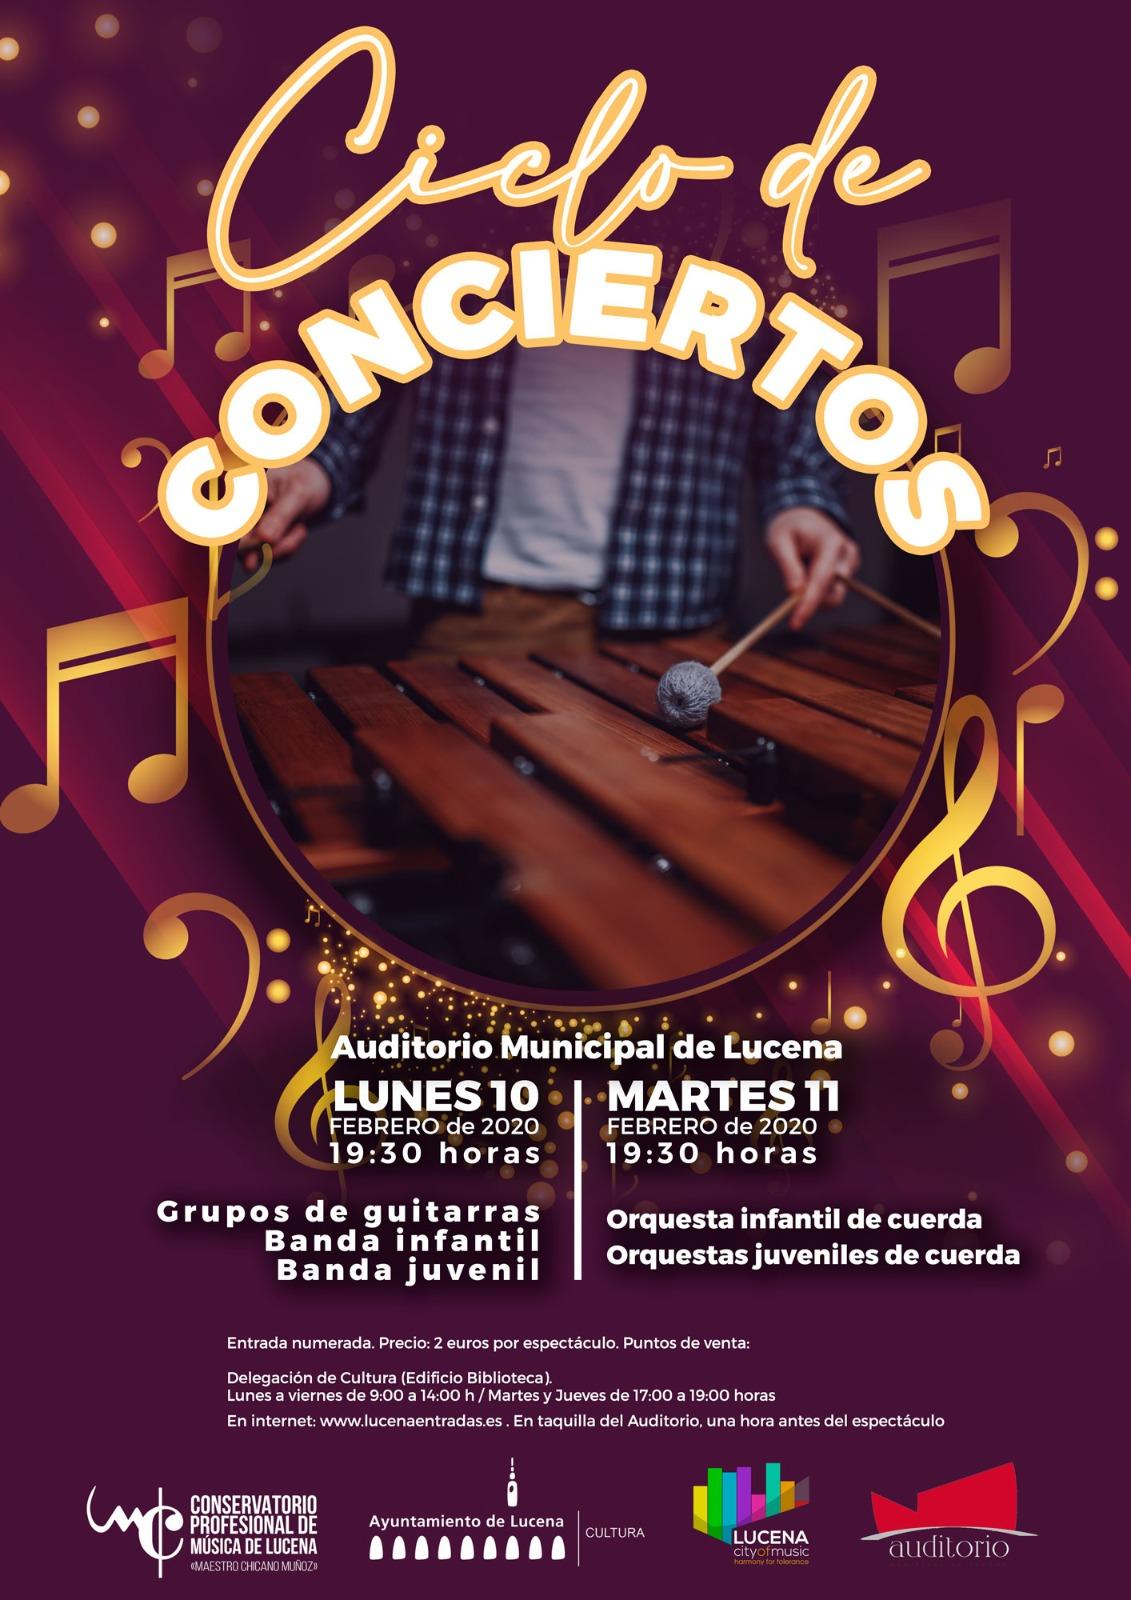 Conciertos Conservatorio: GRUPOS DE VIENTO Y GUITARRAS @ Auditorio Municipal